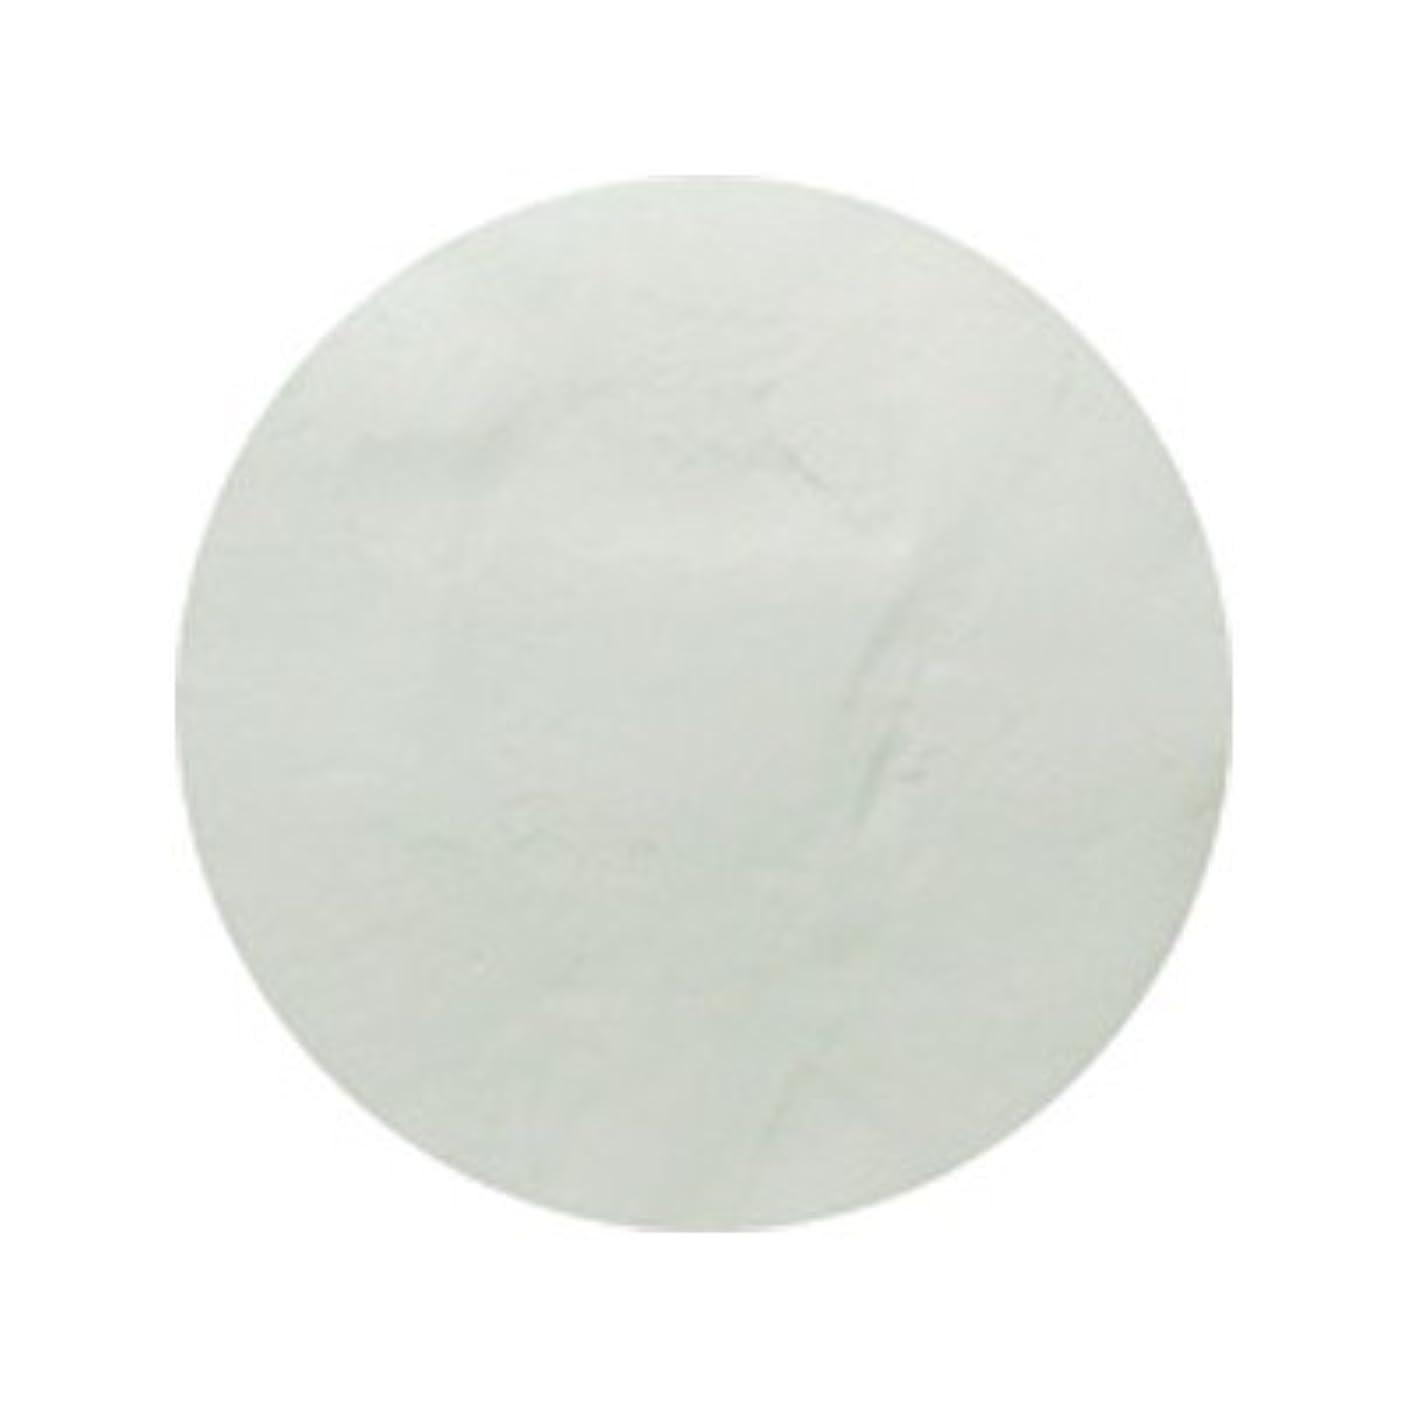 銅マウスピースサルベージピカエース #700 着色顔料 スノーホワイト